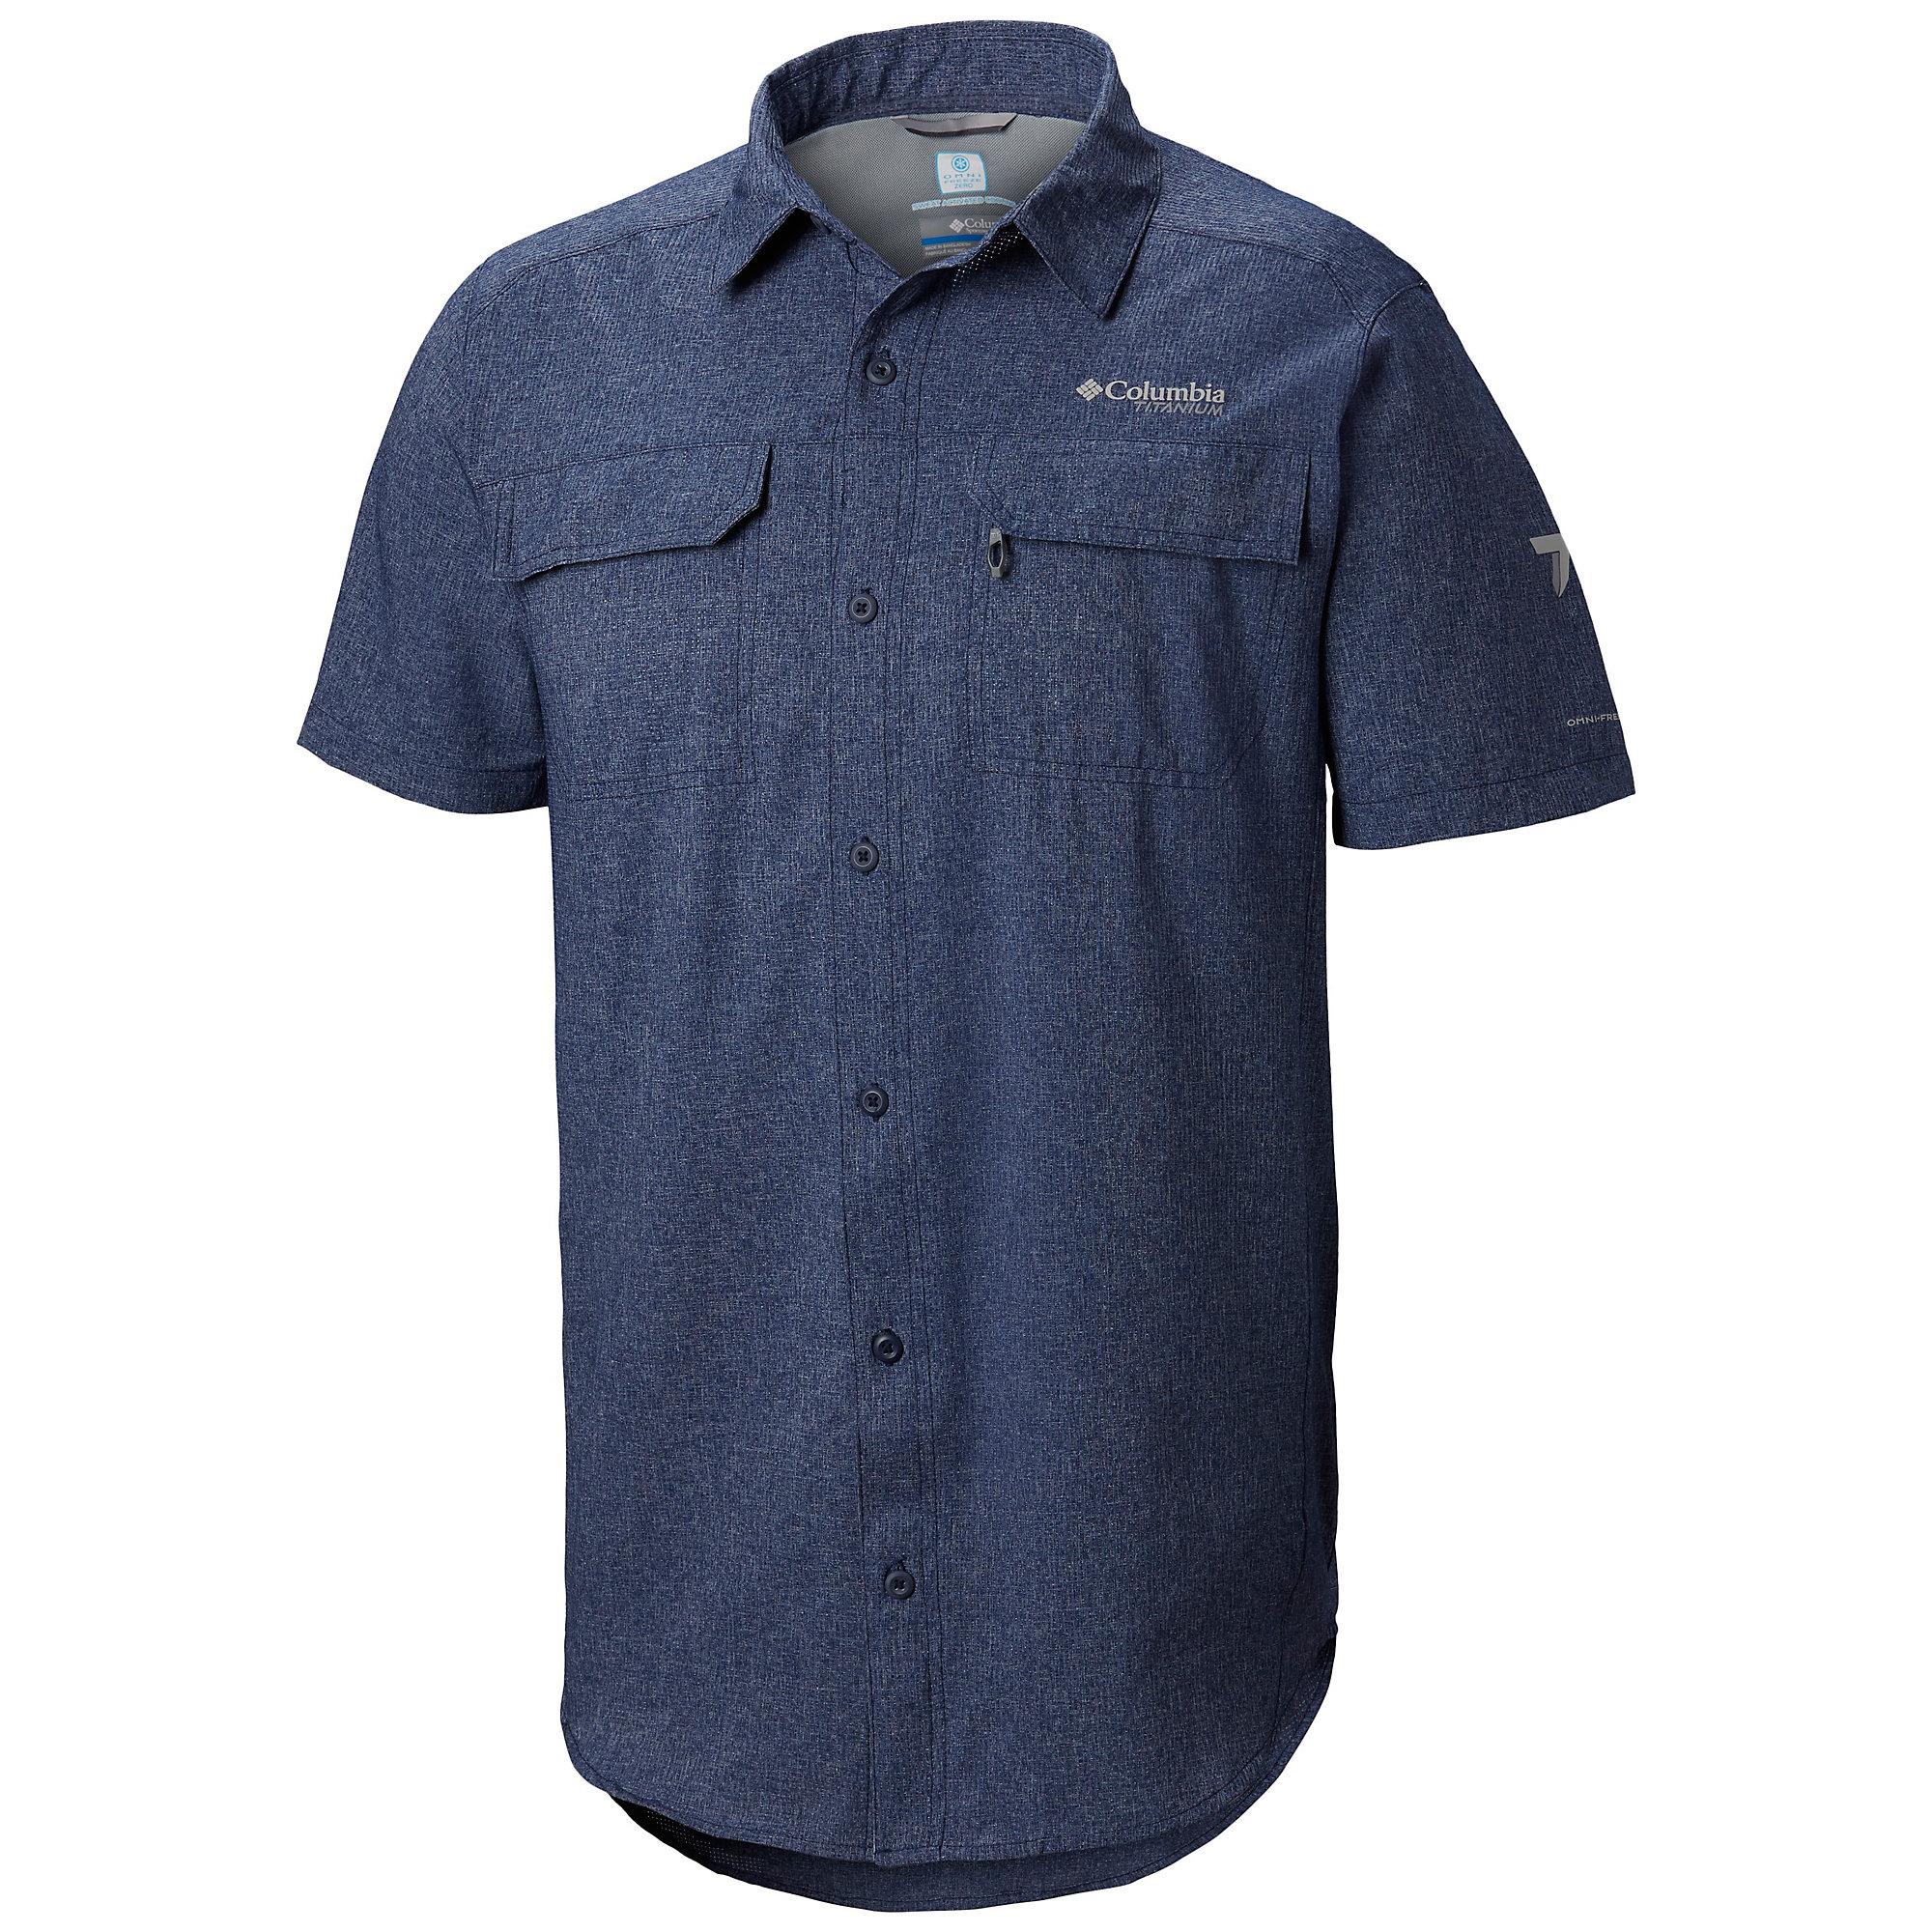 photo: Columbia Men's Irico Short Sleeve Shirt hiking shirt